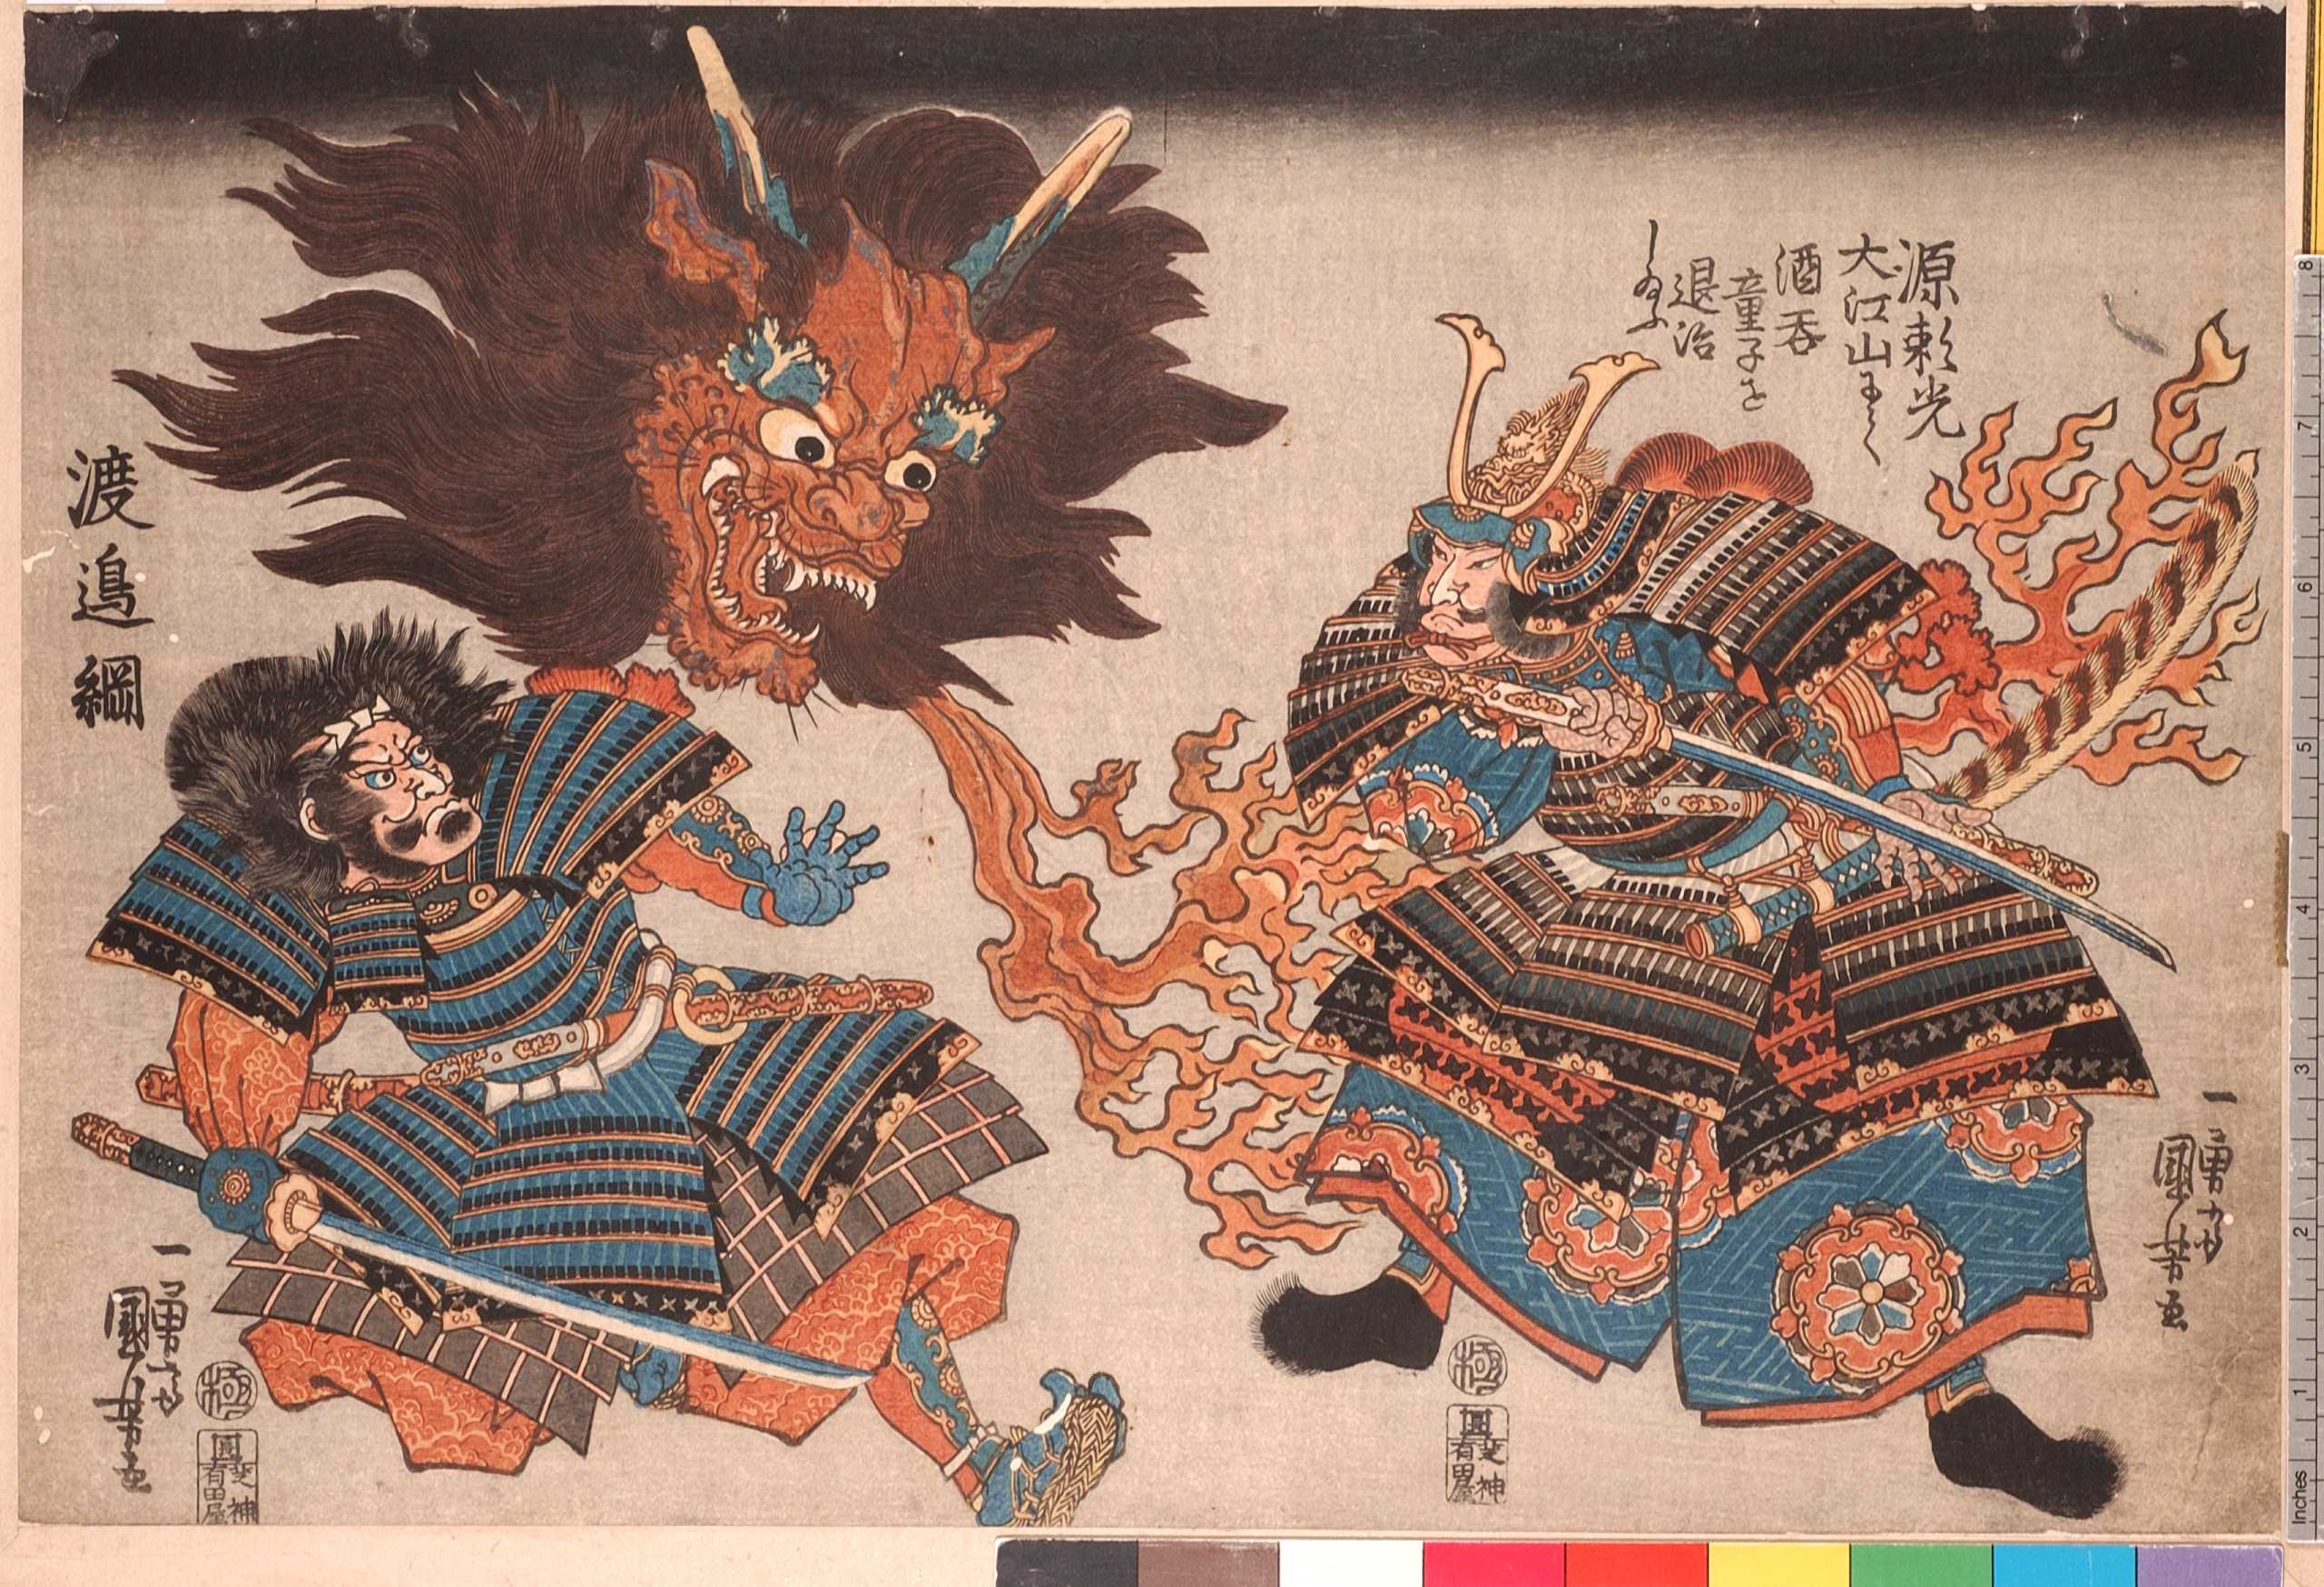 大江山の鬼退治